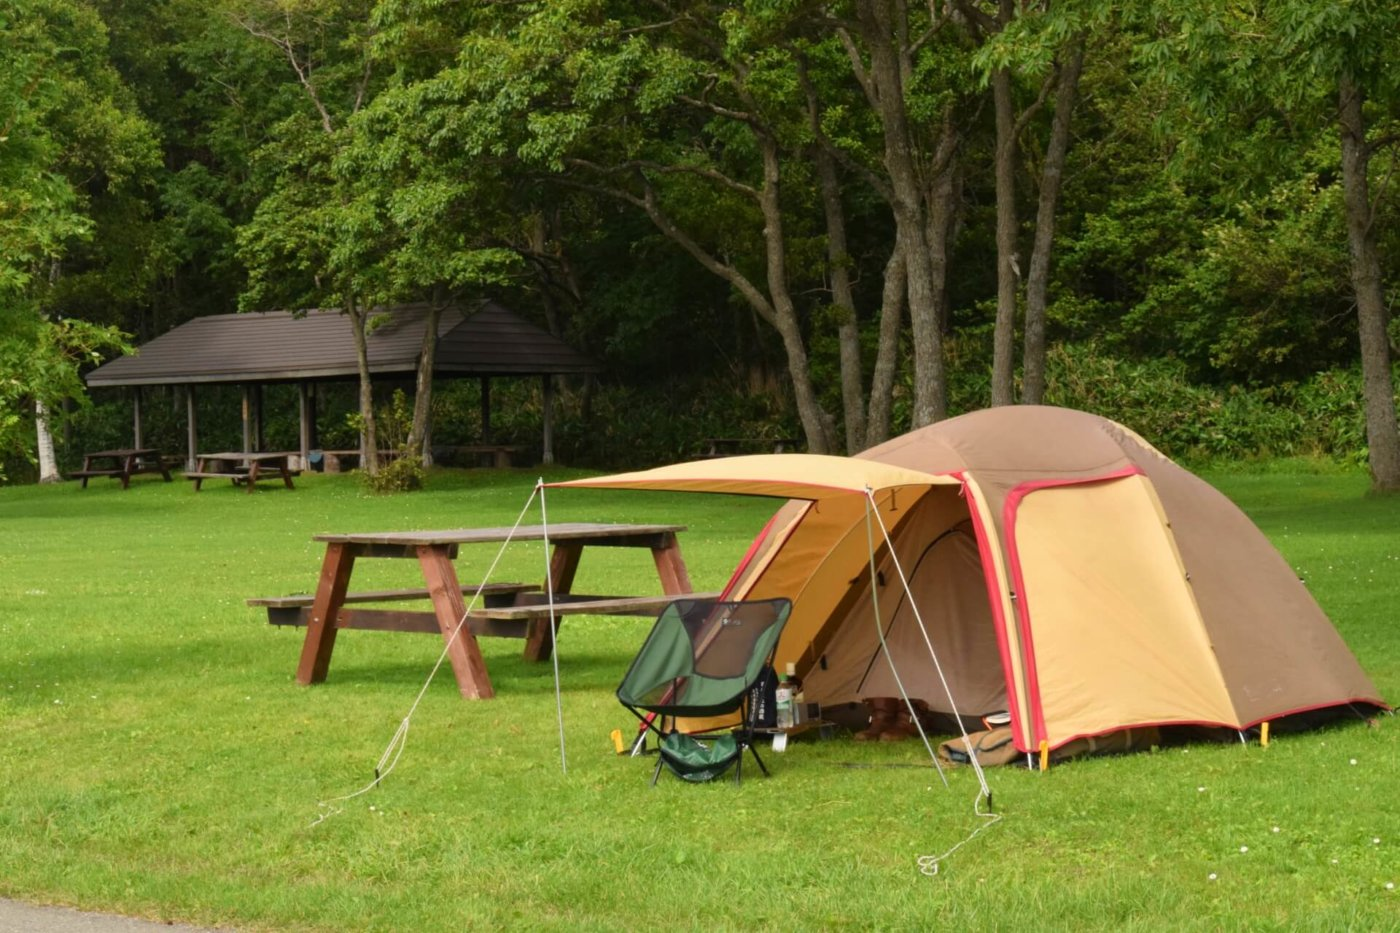 キャンプツーリングで使えるキャンプ場まとめ